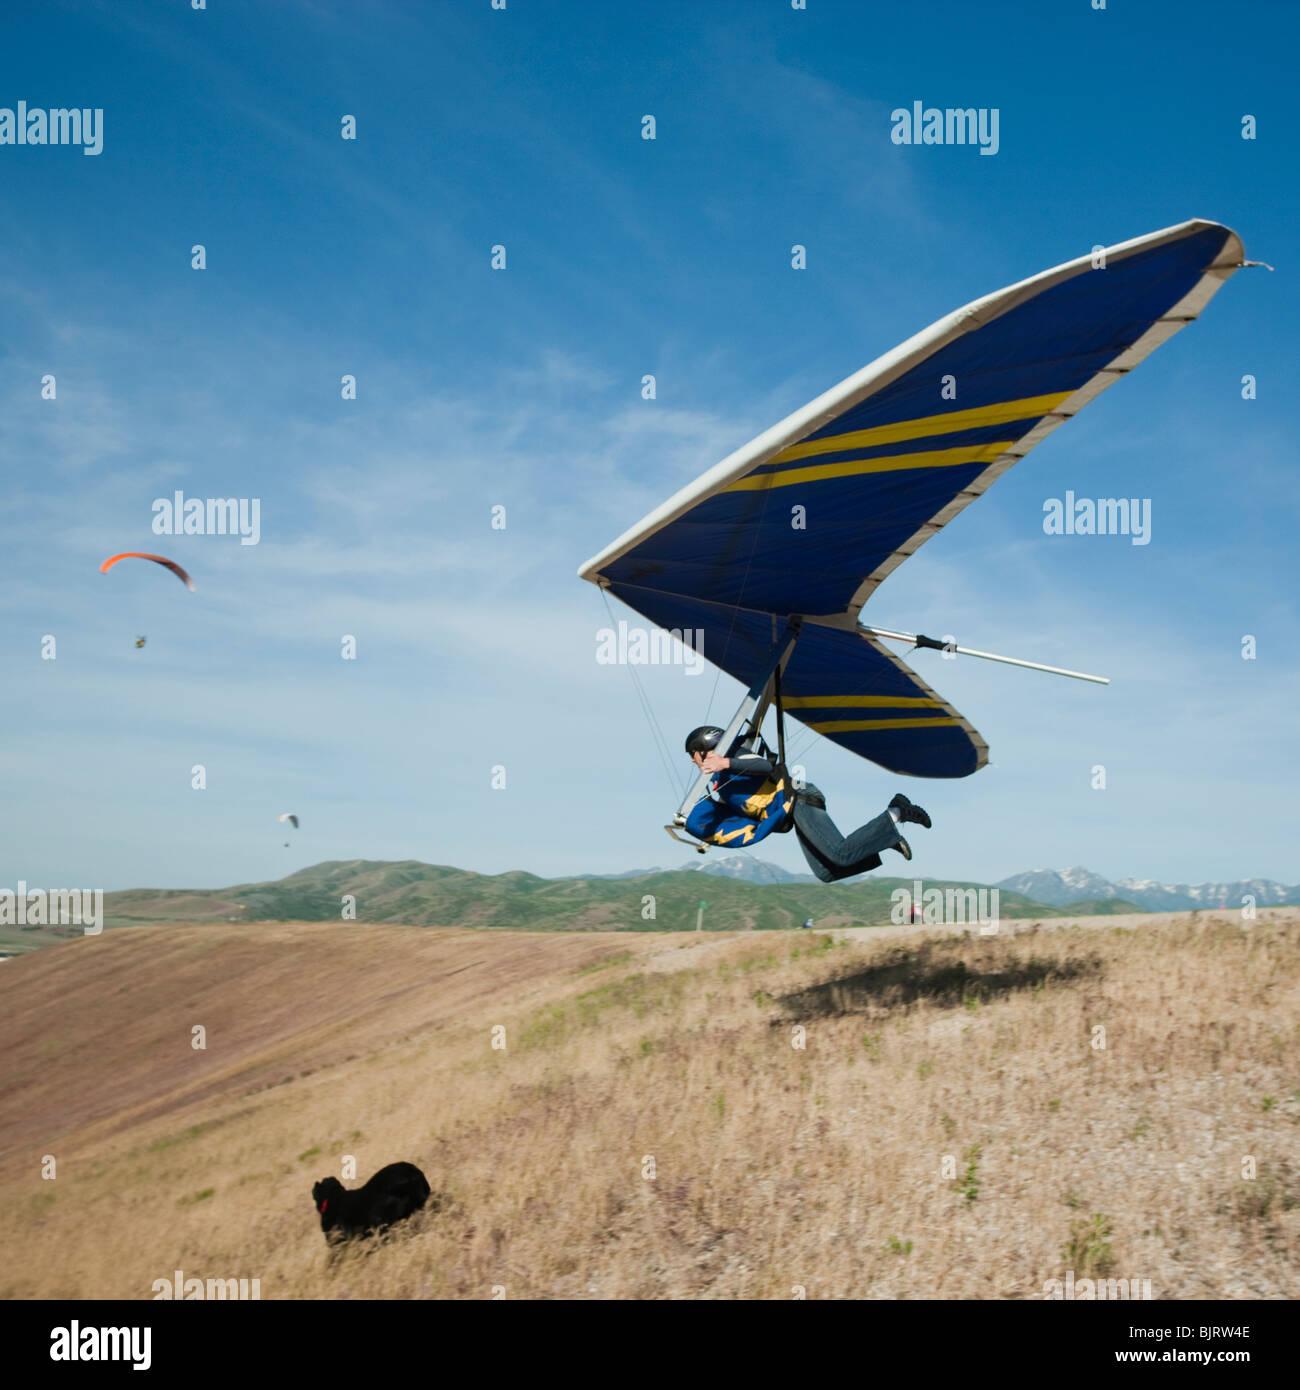 Stati Uniti d'America, Utah, Lehi, giovane uomo prendendo il largo con deltaplano Immagini Stock